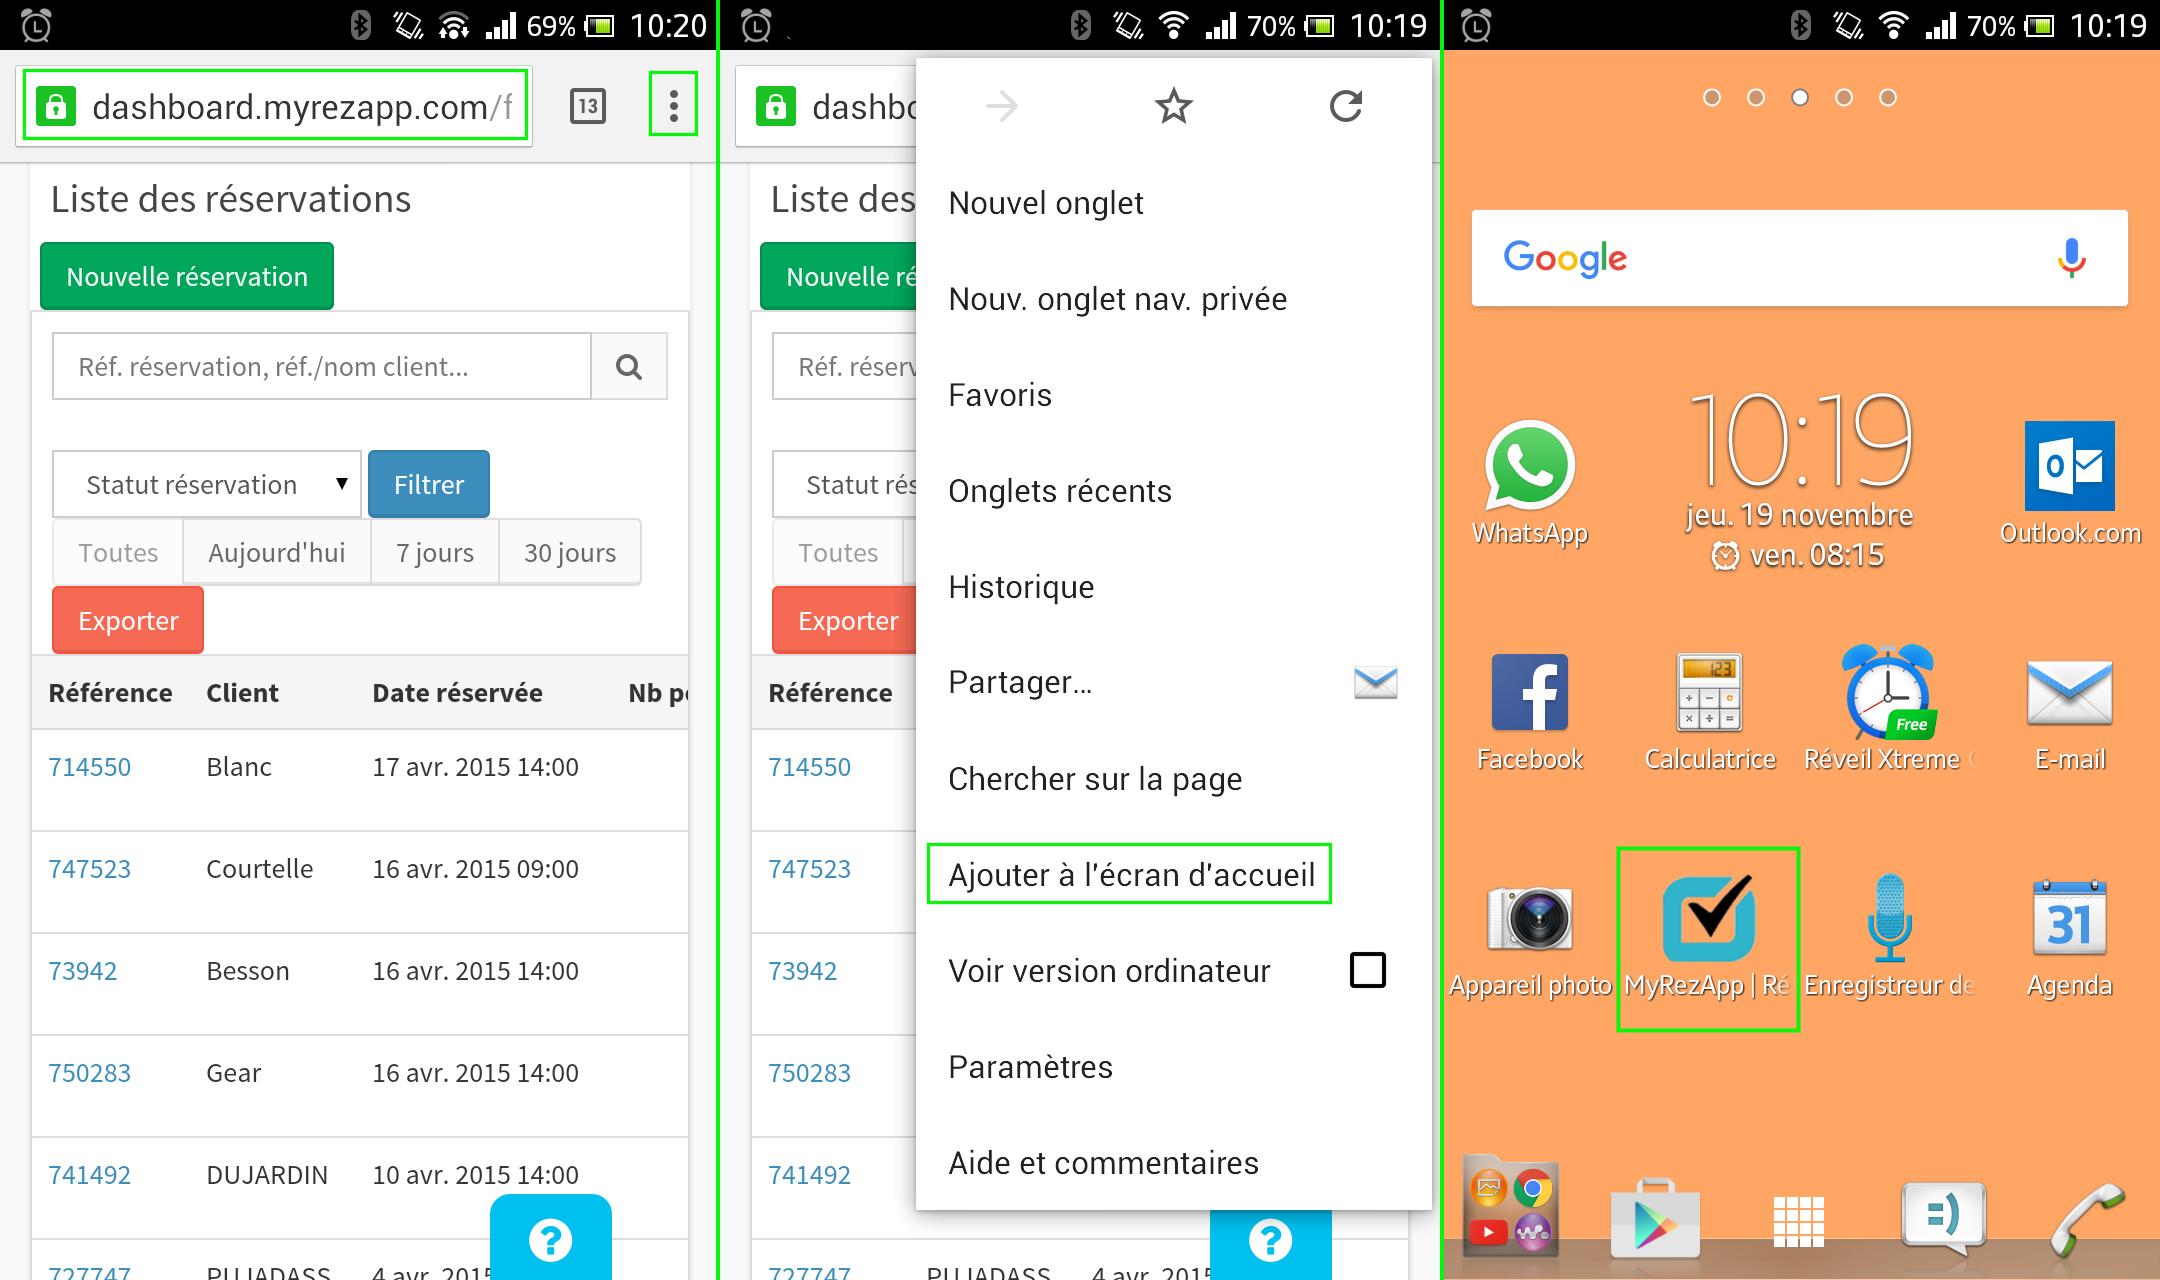 créer raccourci vers MyRezApp sur Android